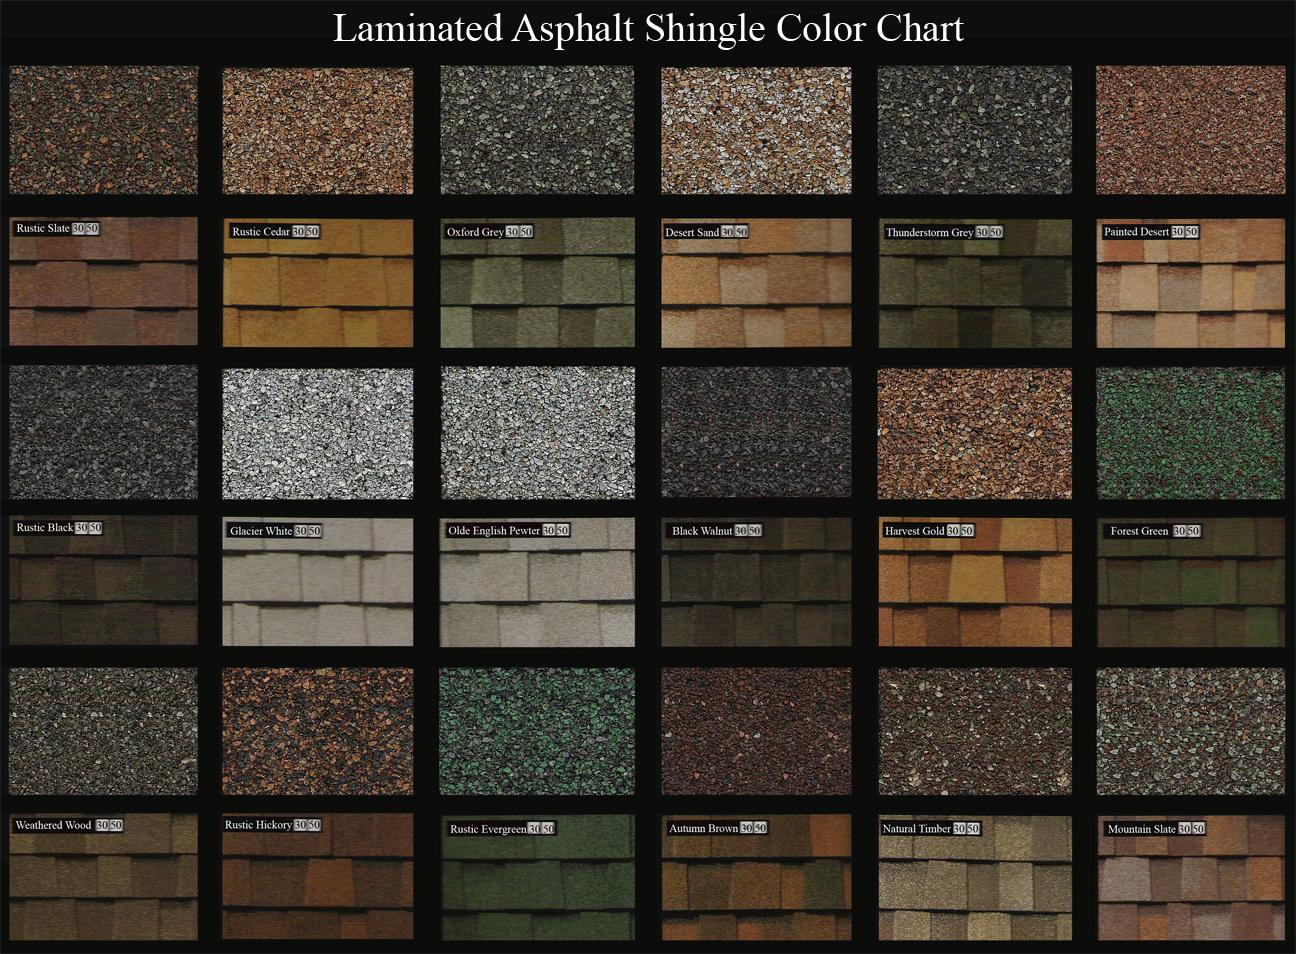 Existem dezenas de cores de Shingle disponíveis no mercado, variando dos tons clássicos como o marro que imita telha cerâmica, a tons de verde e amarelo